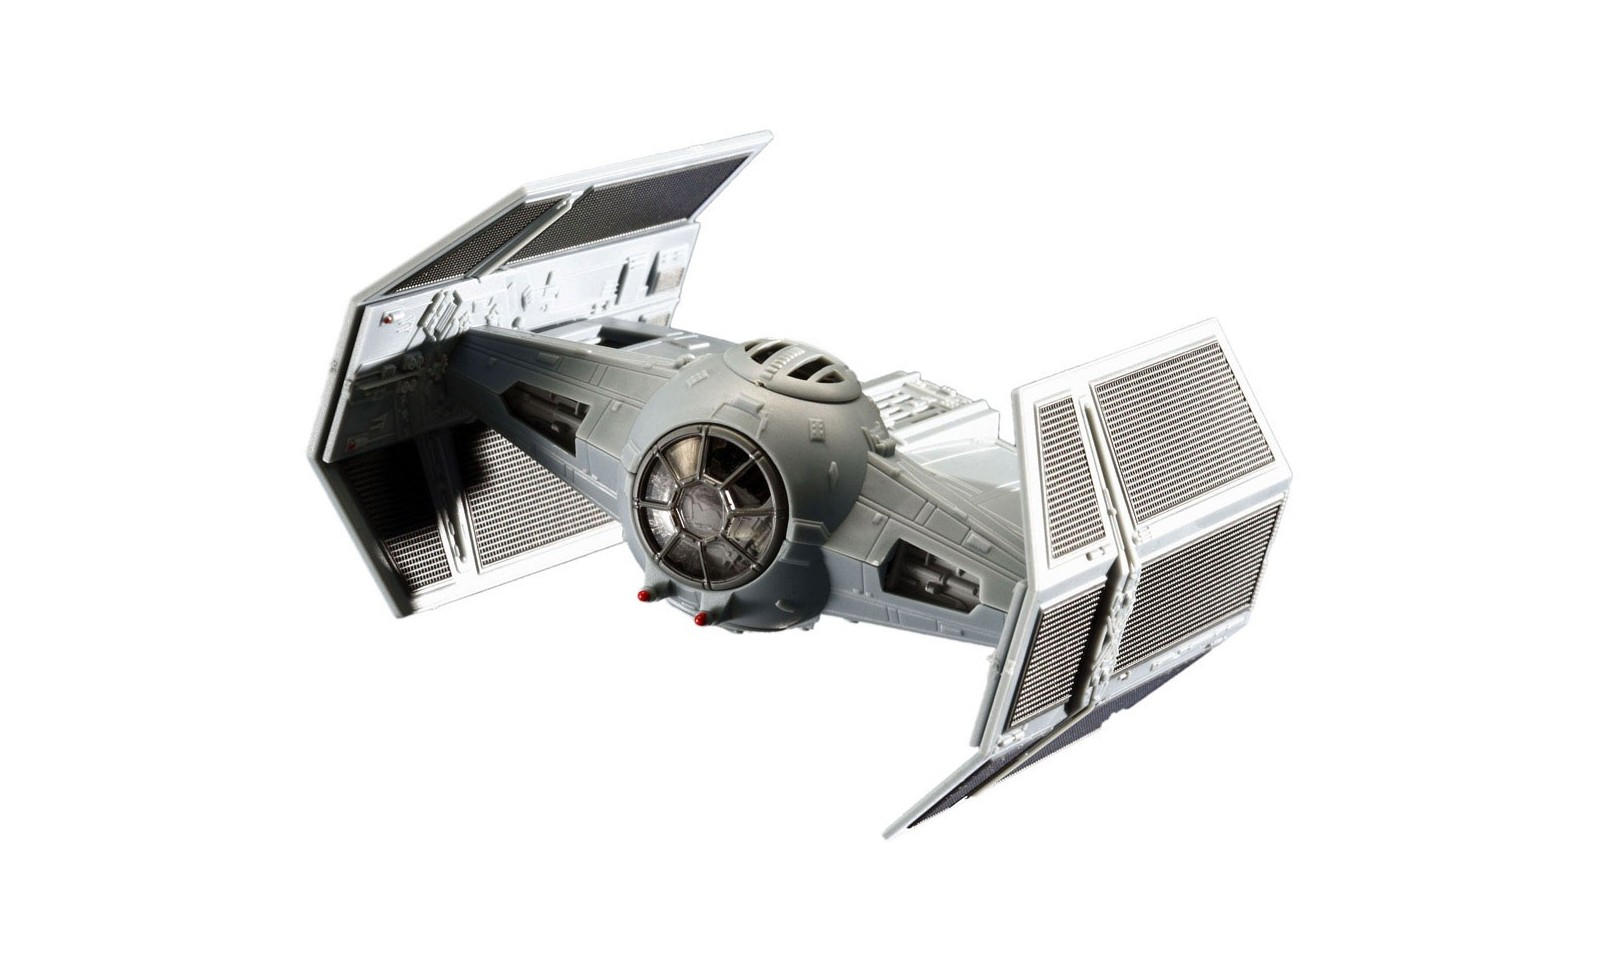 Star wars maquette vaisseau dark vador tie fighter 7 cm r plique cin ma film science fiction - Vaisseau de dark vador ...